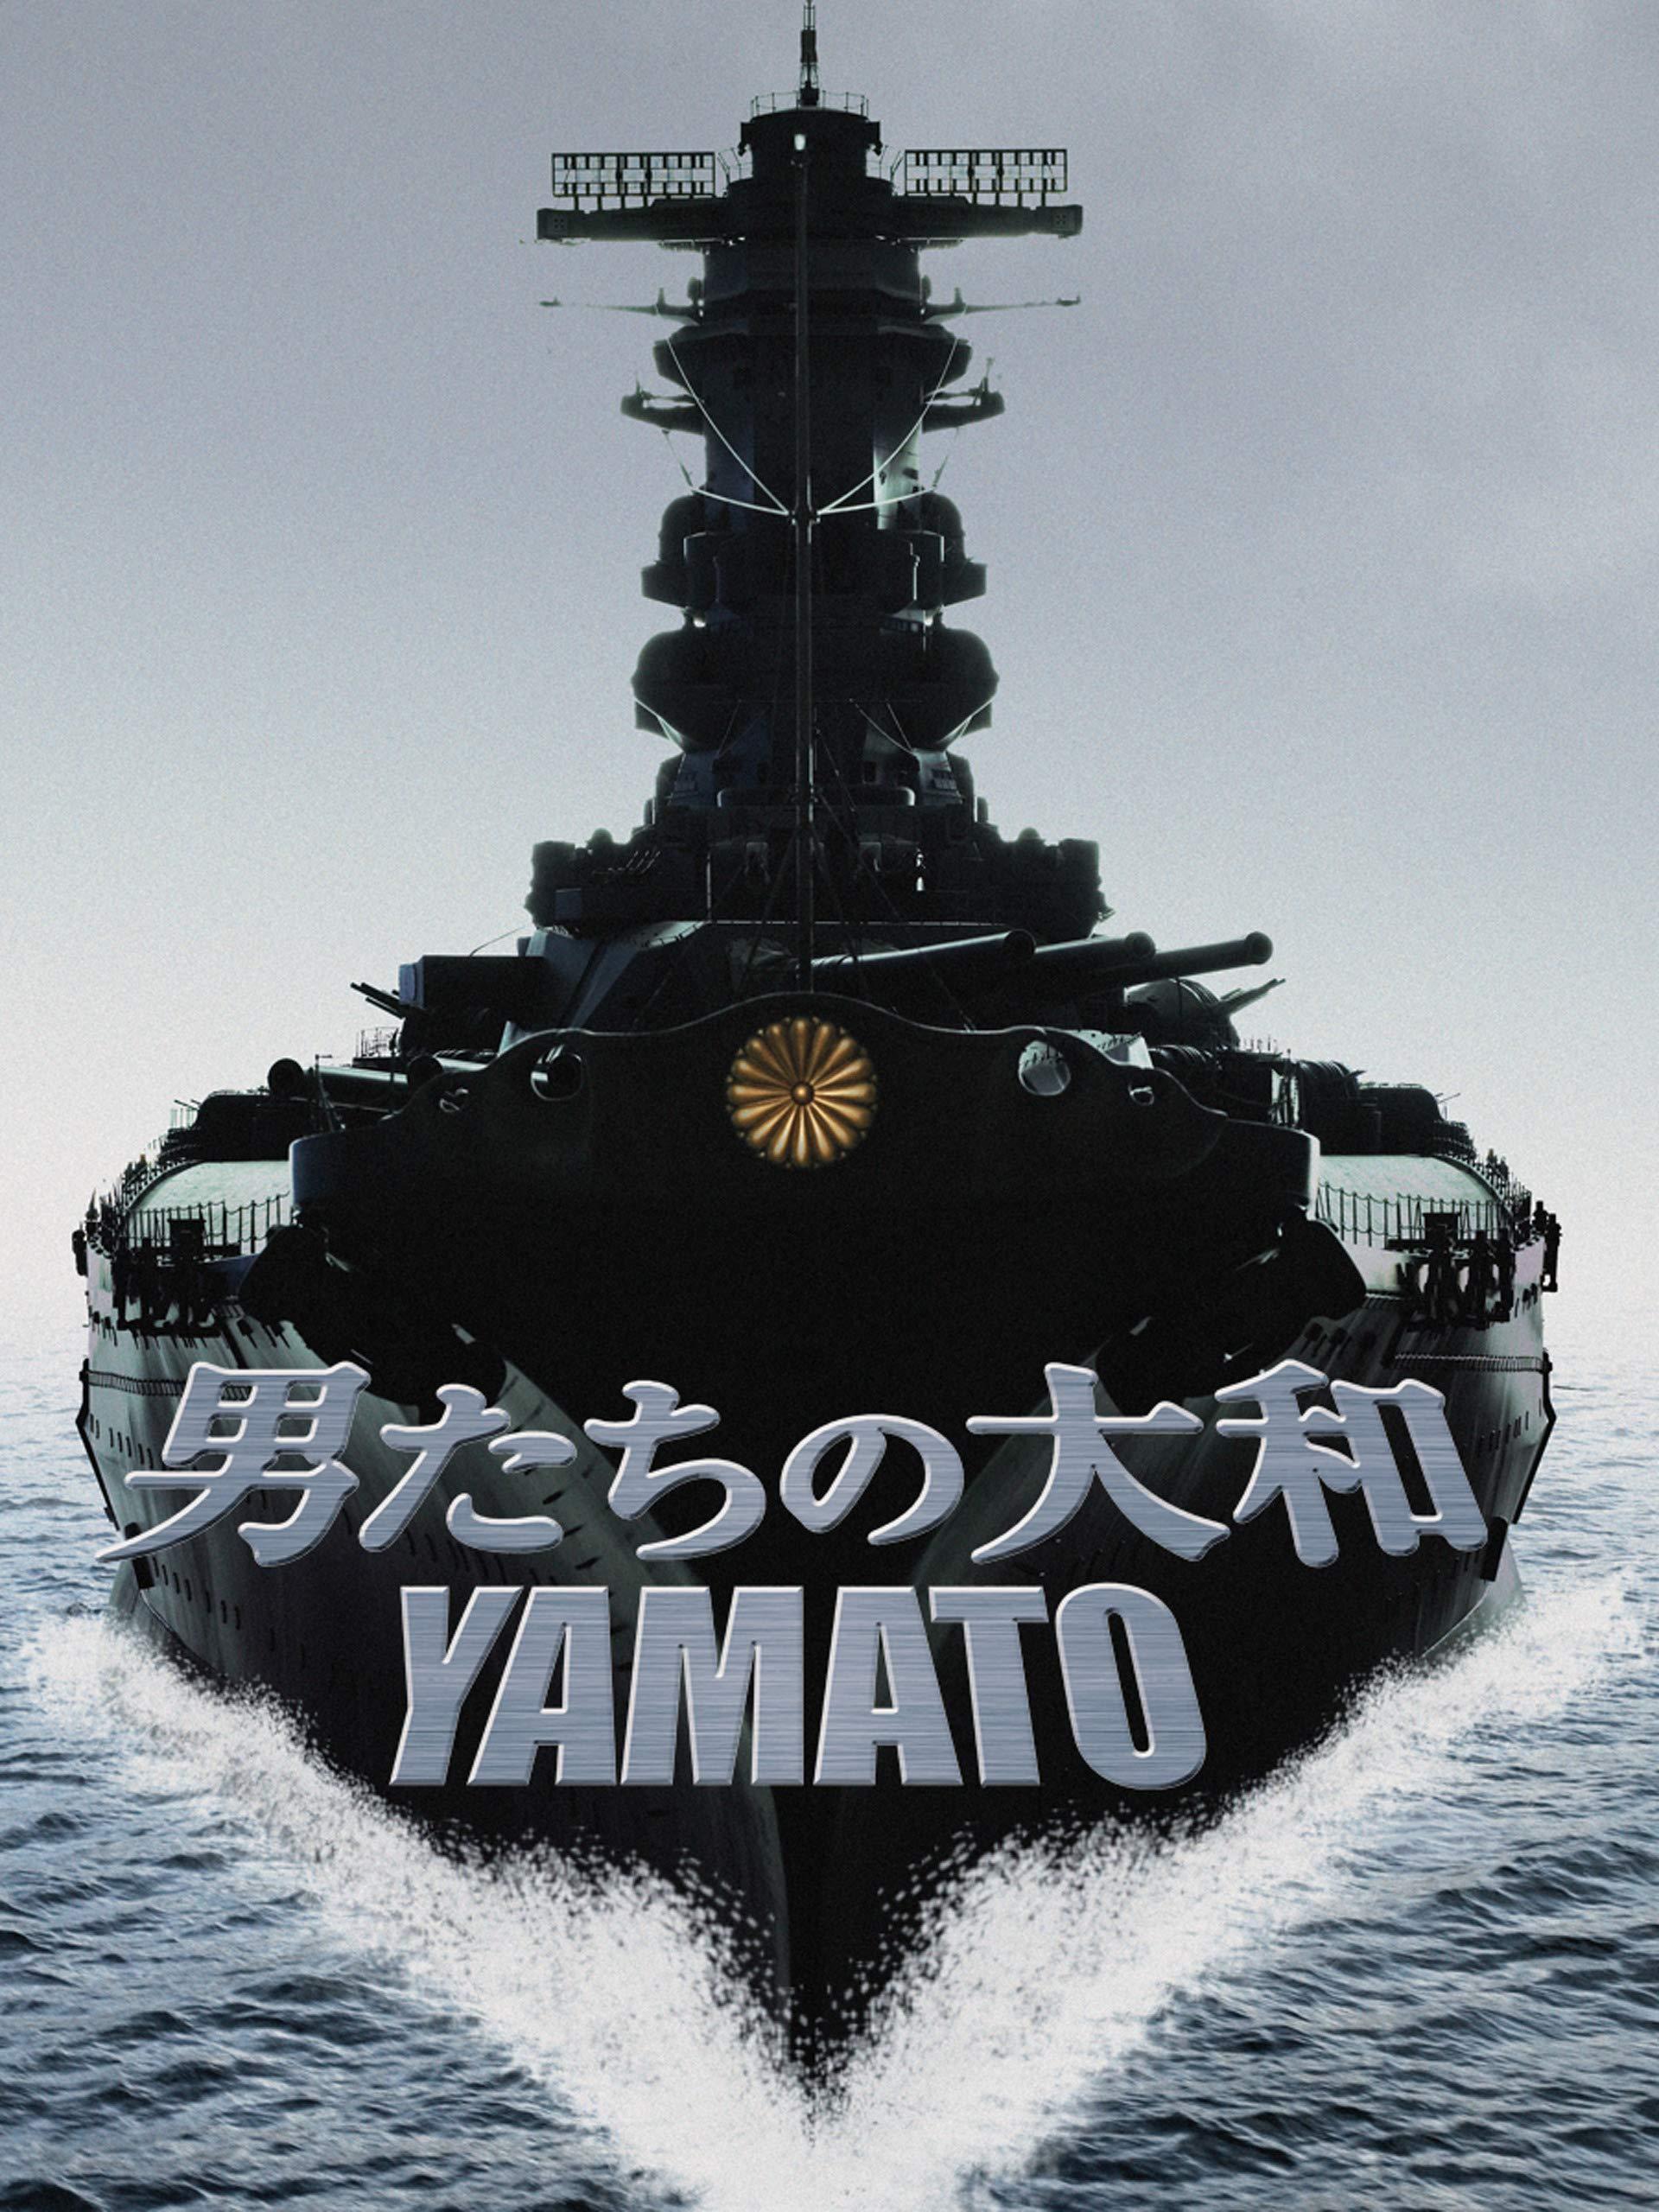 Amazon Co Jp 男たちの大和 yamatoを観る Prime Video